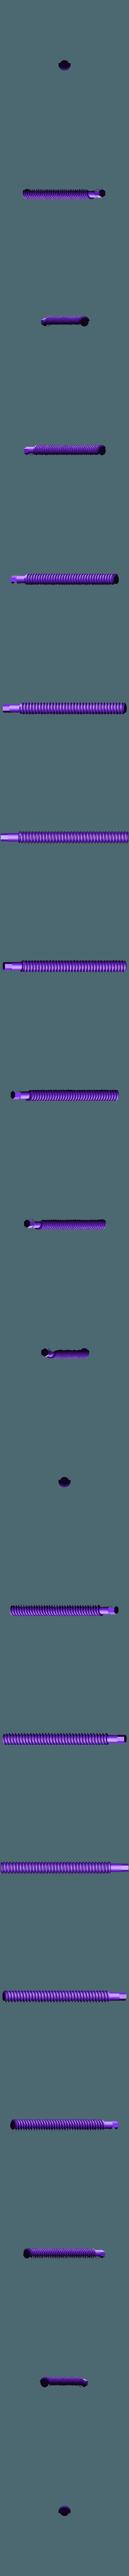 Screw_v4.stl Télécharger fichier STL gratuit Porte-bobine à centre ajustable • Design pour imprimante 3D, jonbourg